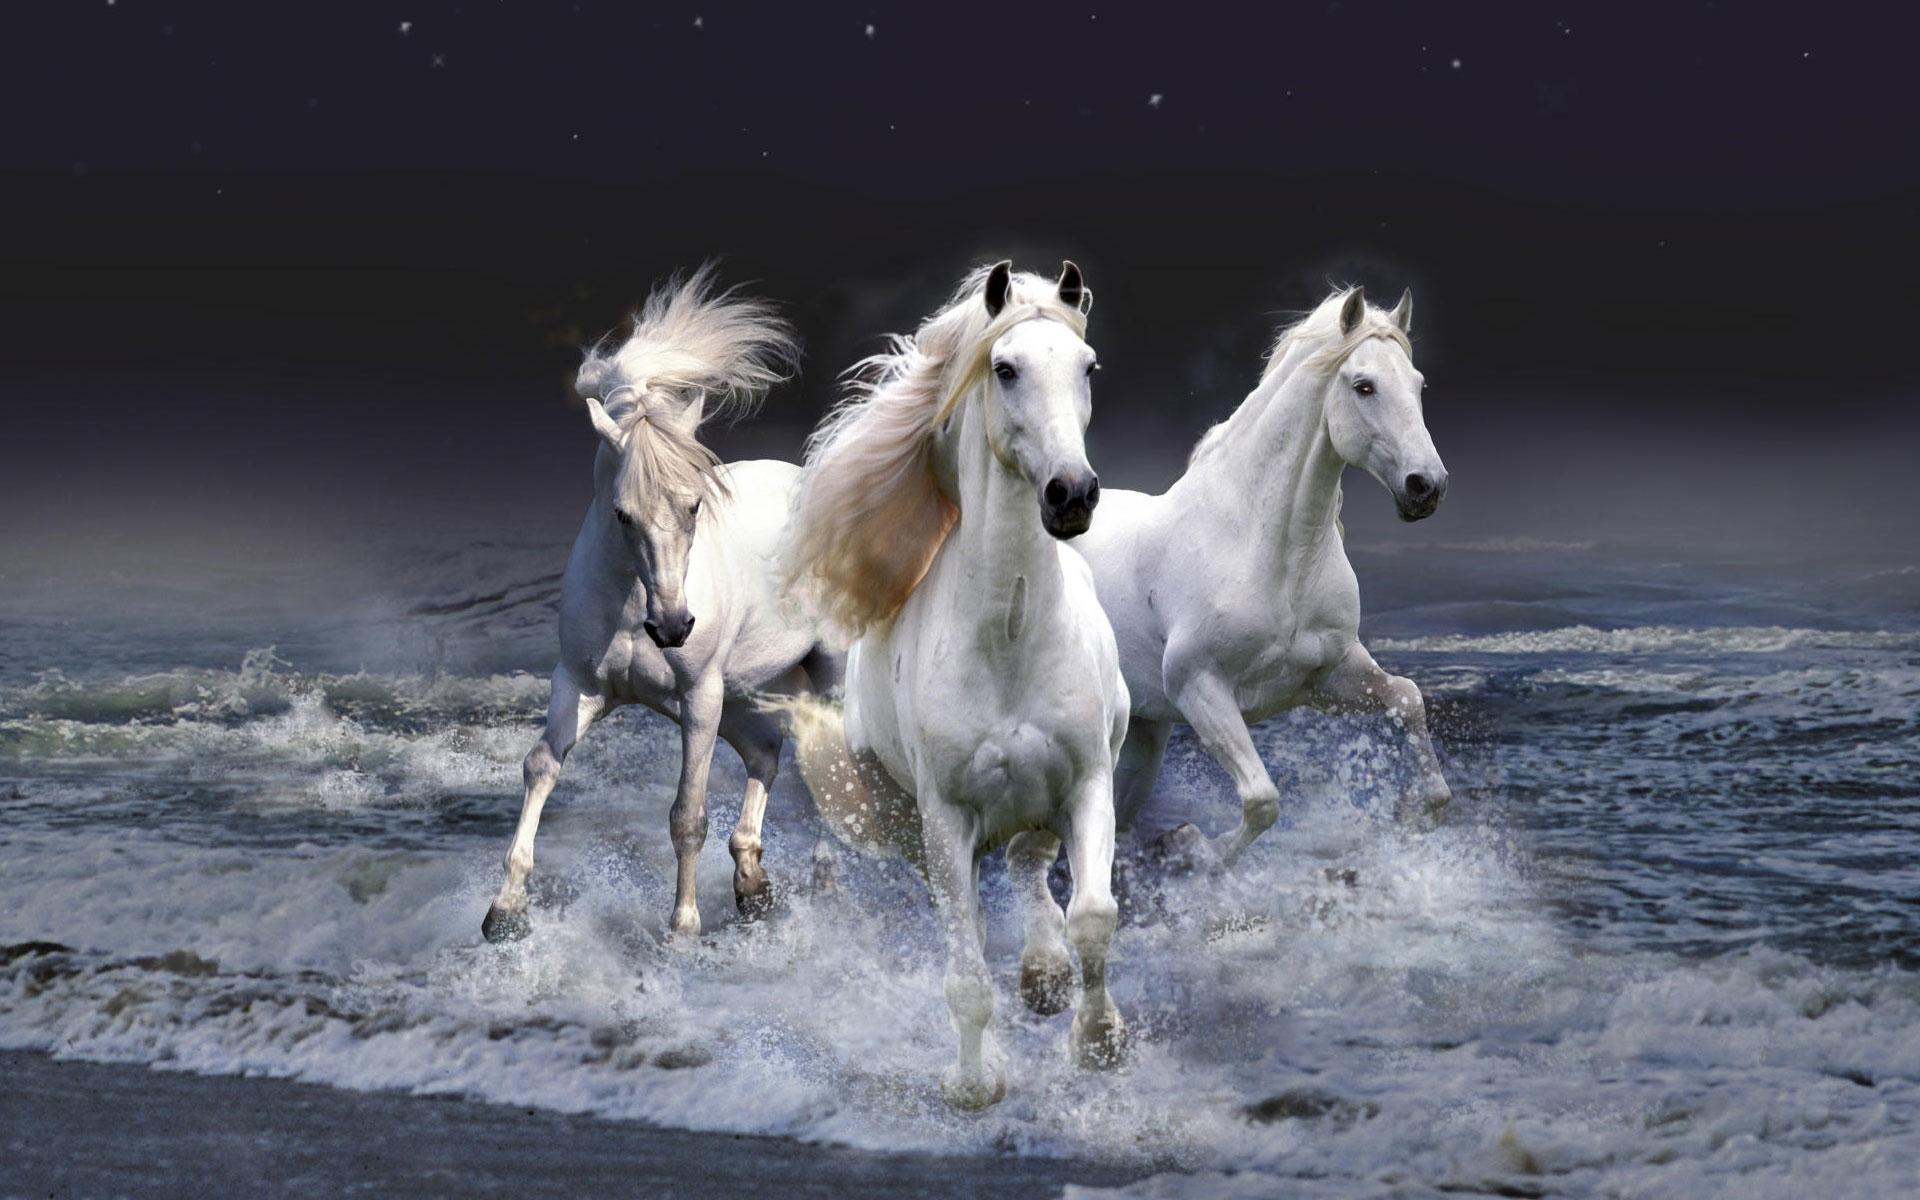 horse pics